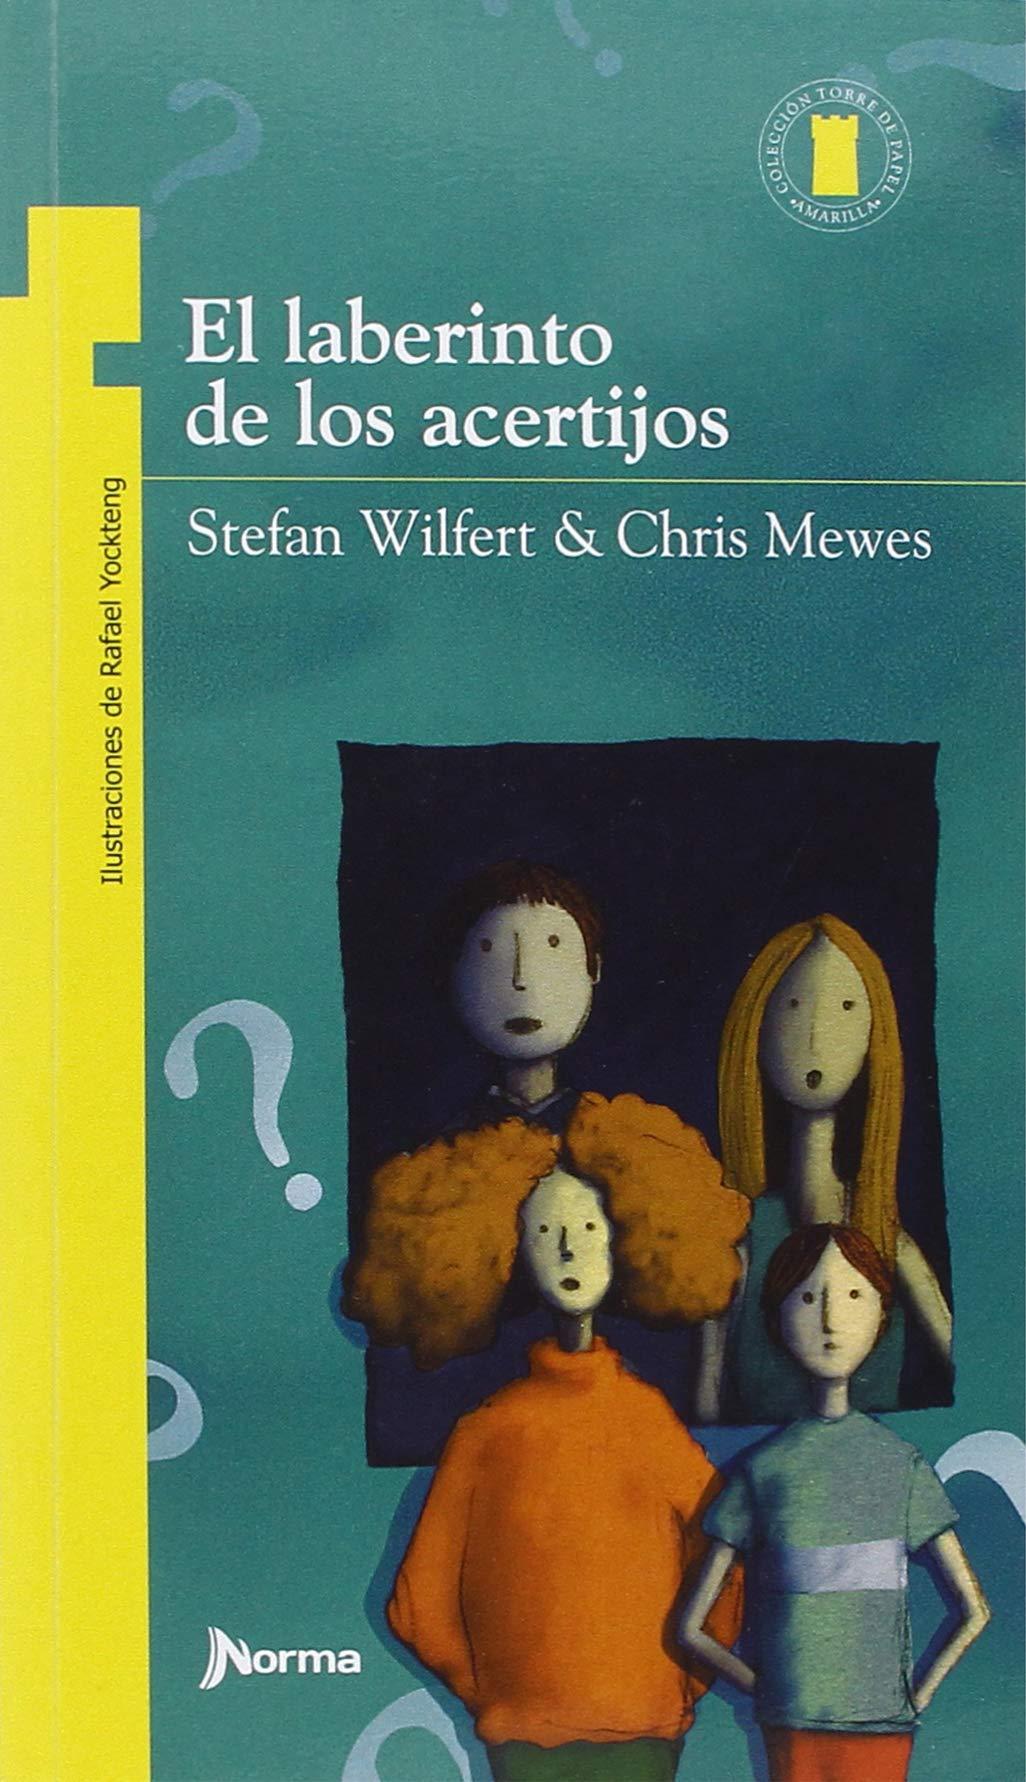 El Laberinto de Los Acertijos (Torre de Papel Amarilla) (Spanish Edition) (Spanish) Paperback – July 15, 2018